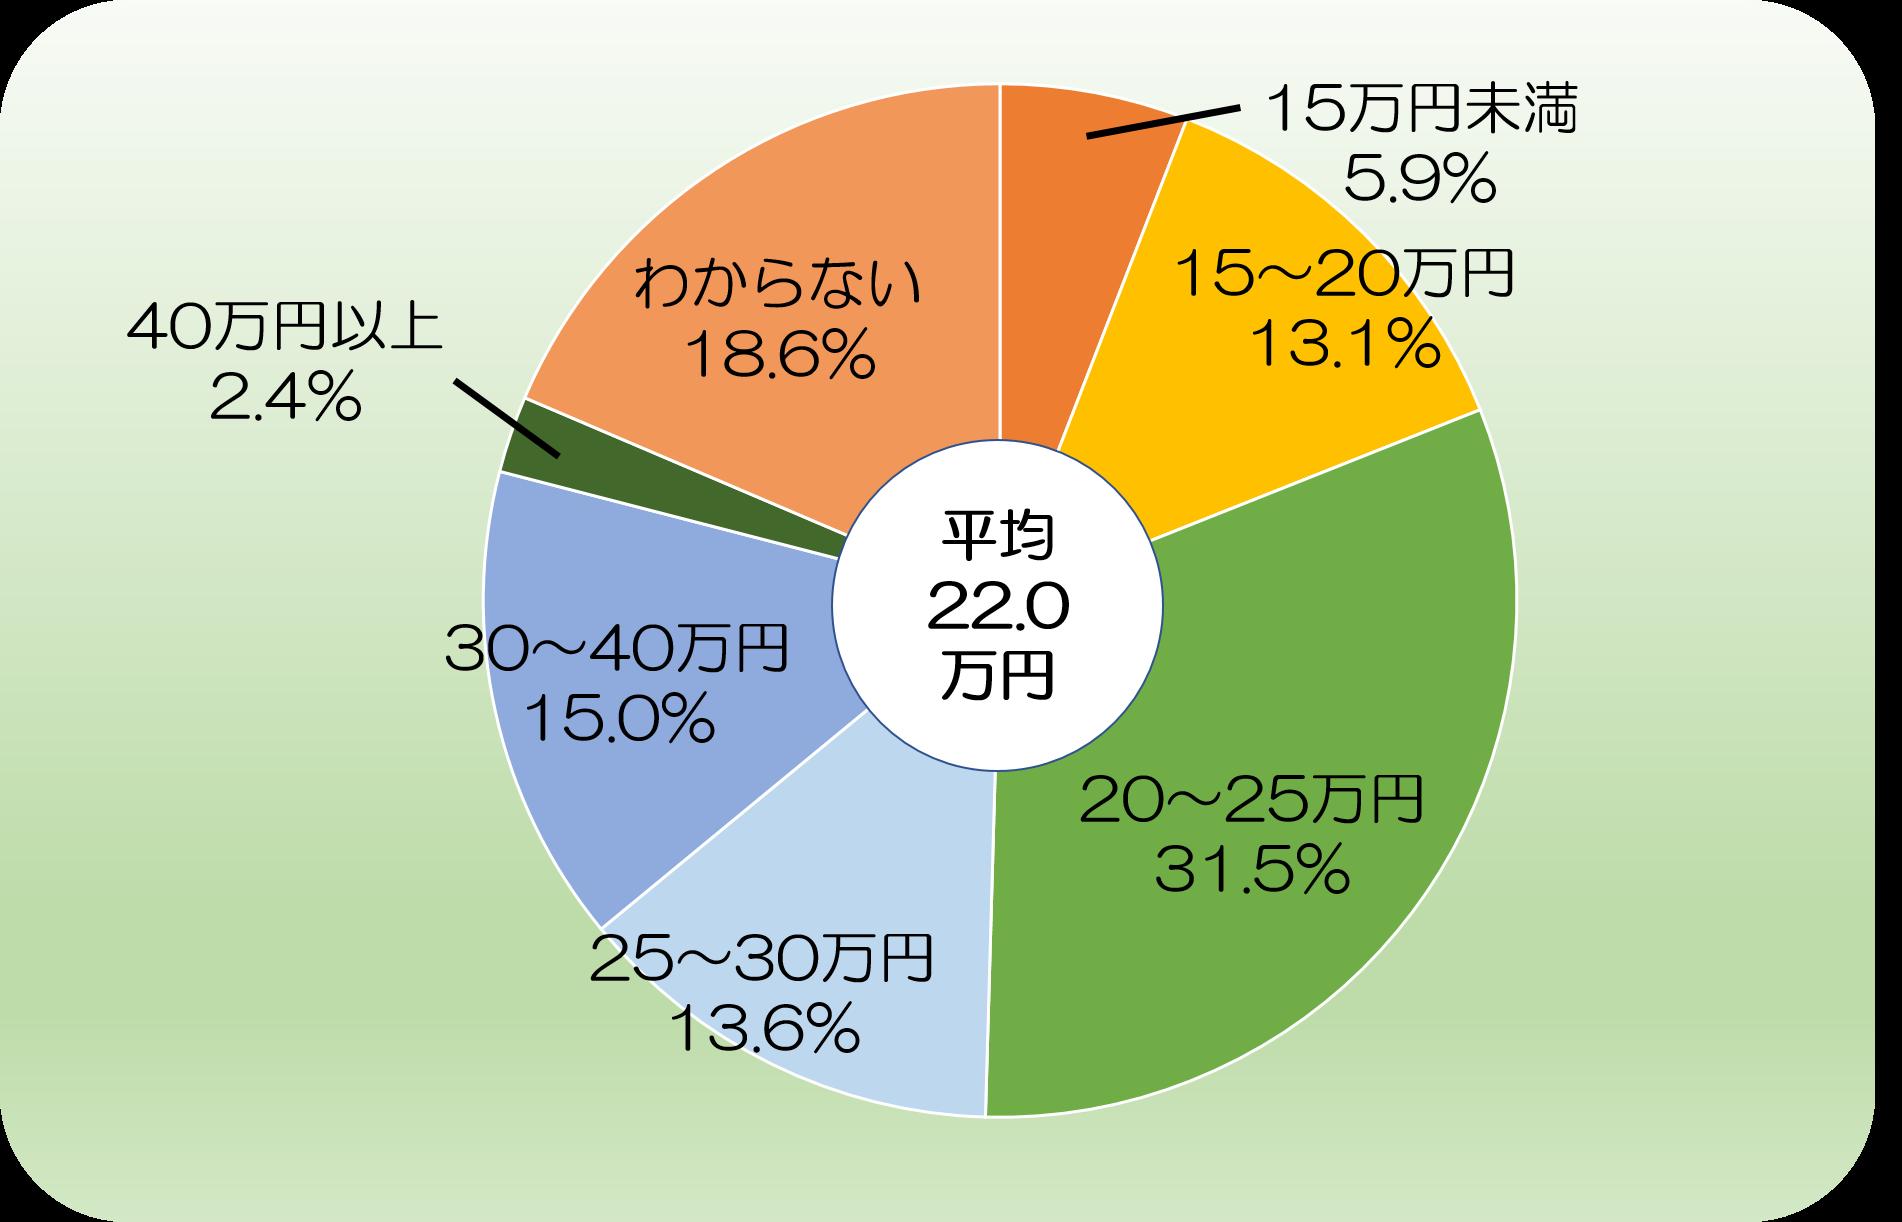 老後に、夫婦2人で最低限必要と考える生活費(1ヵ月あたり)のアンケート結果です。平均額は22万円となっています。